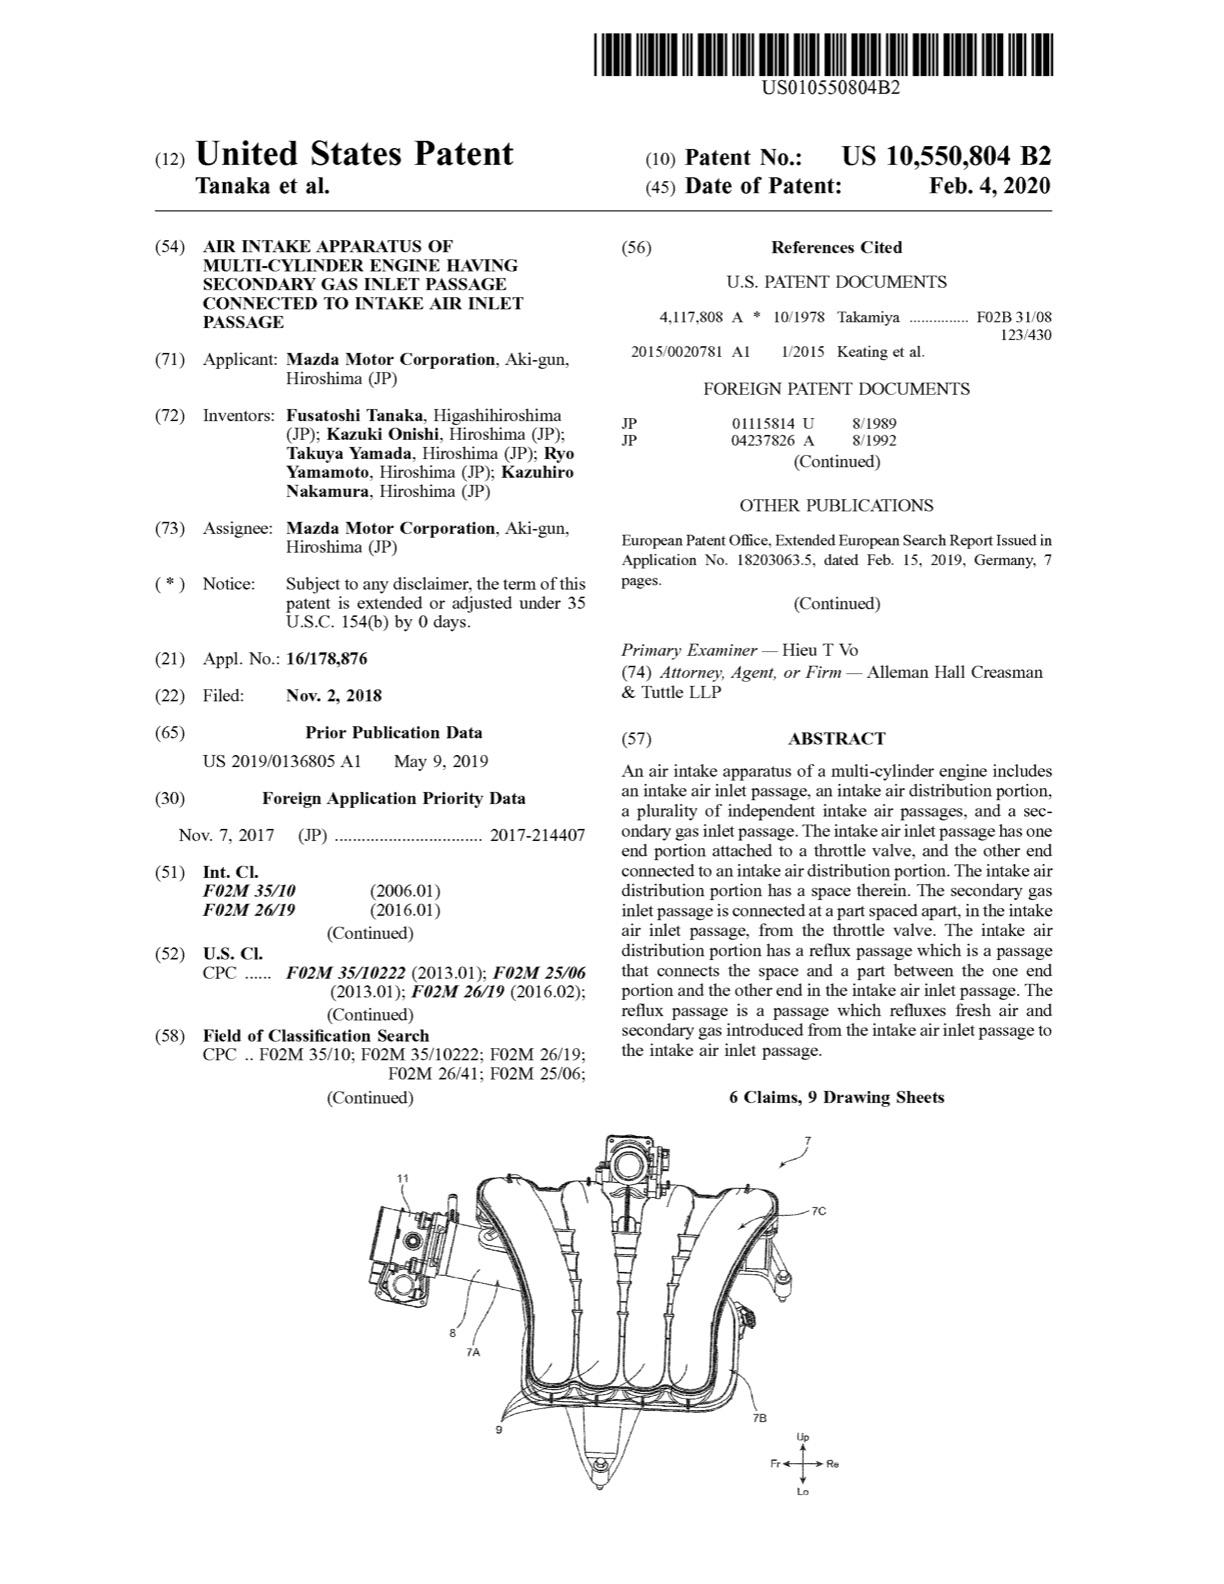 マツダ、米国で縦置きエンジンの吸気装置で特許を出願